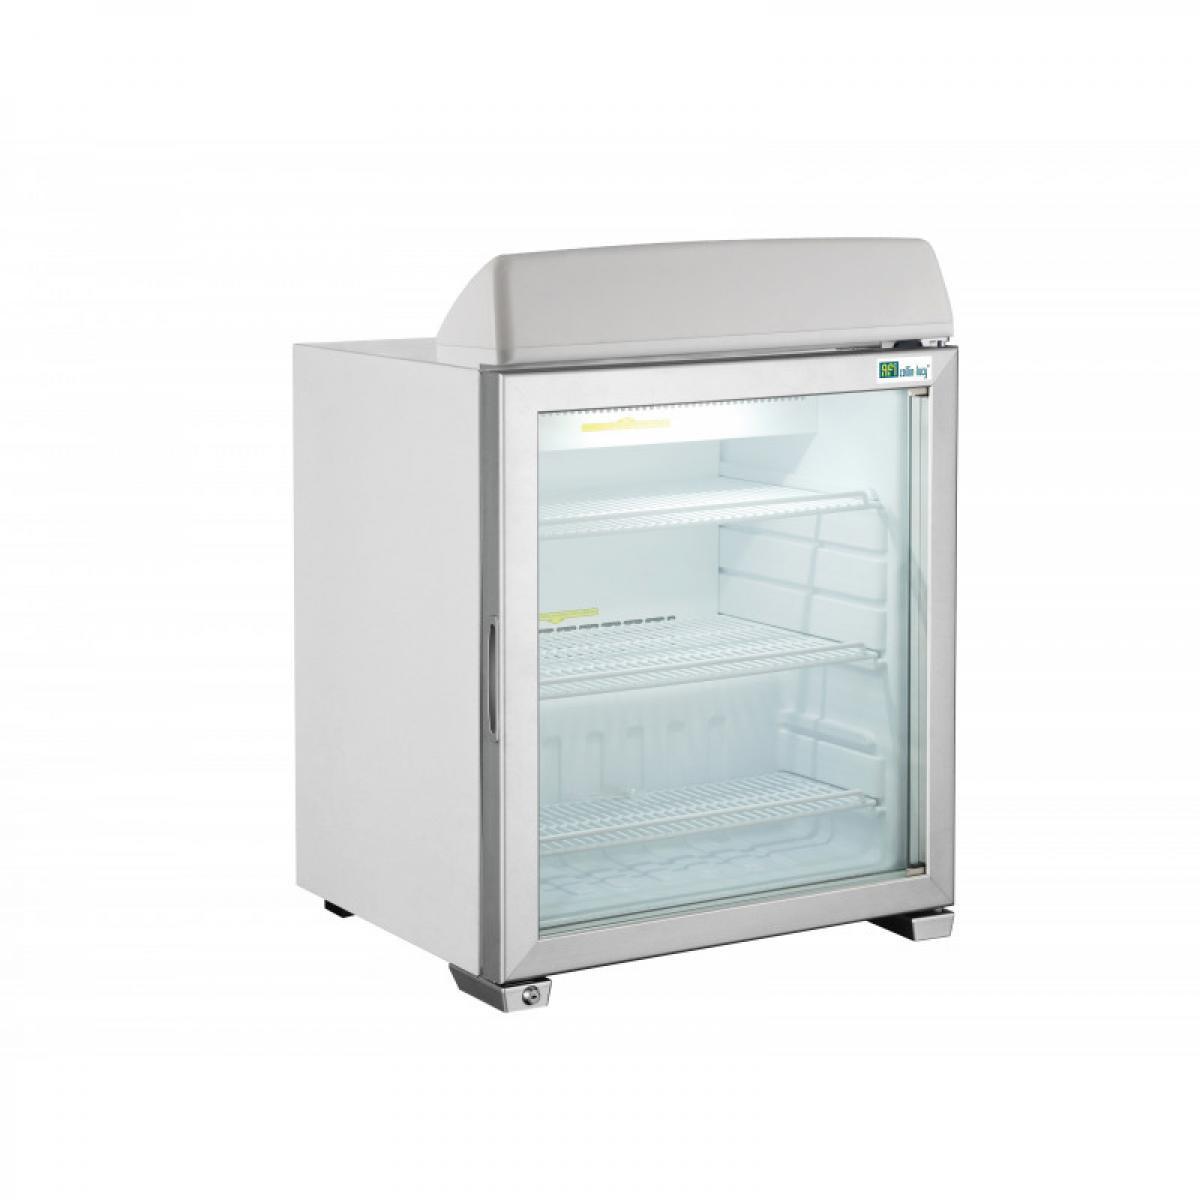 Materiel Chr Pro Mini Armoire Réfrigérée Négative avec Affichage Lumineux - 49 à 99 L - AFI Collin Lucy - R290 1 Porte 49 li